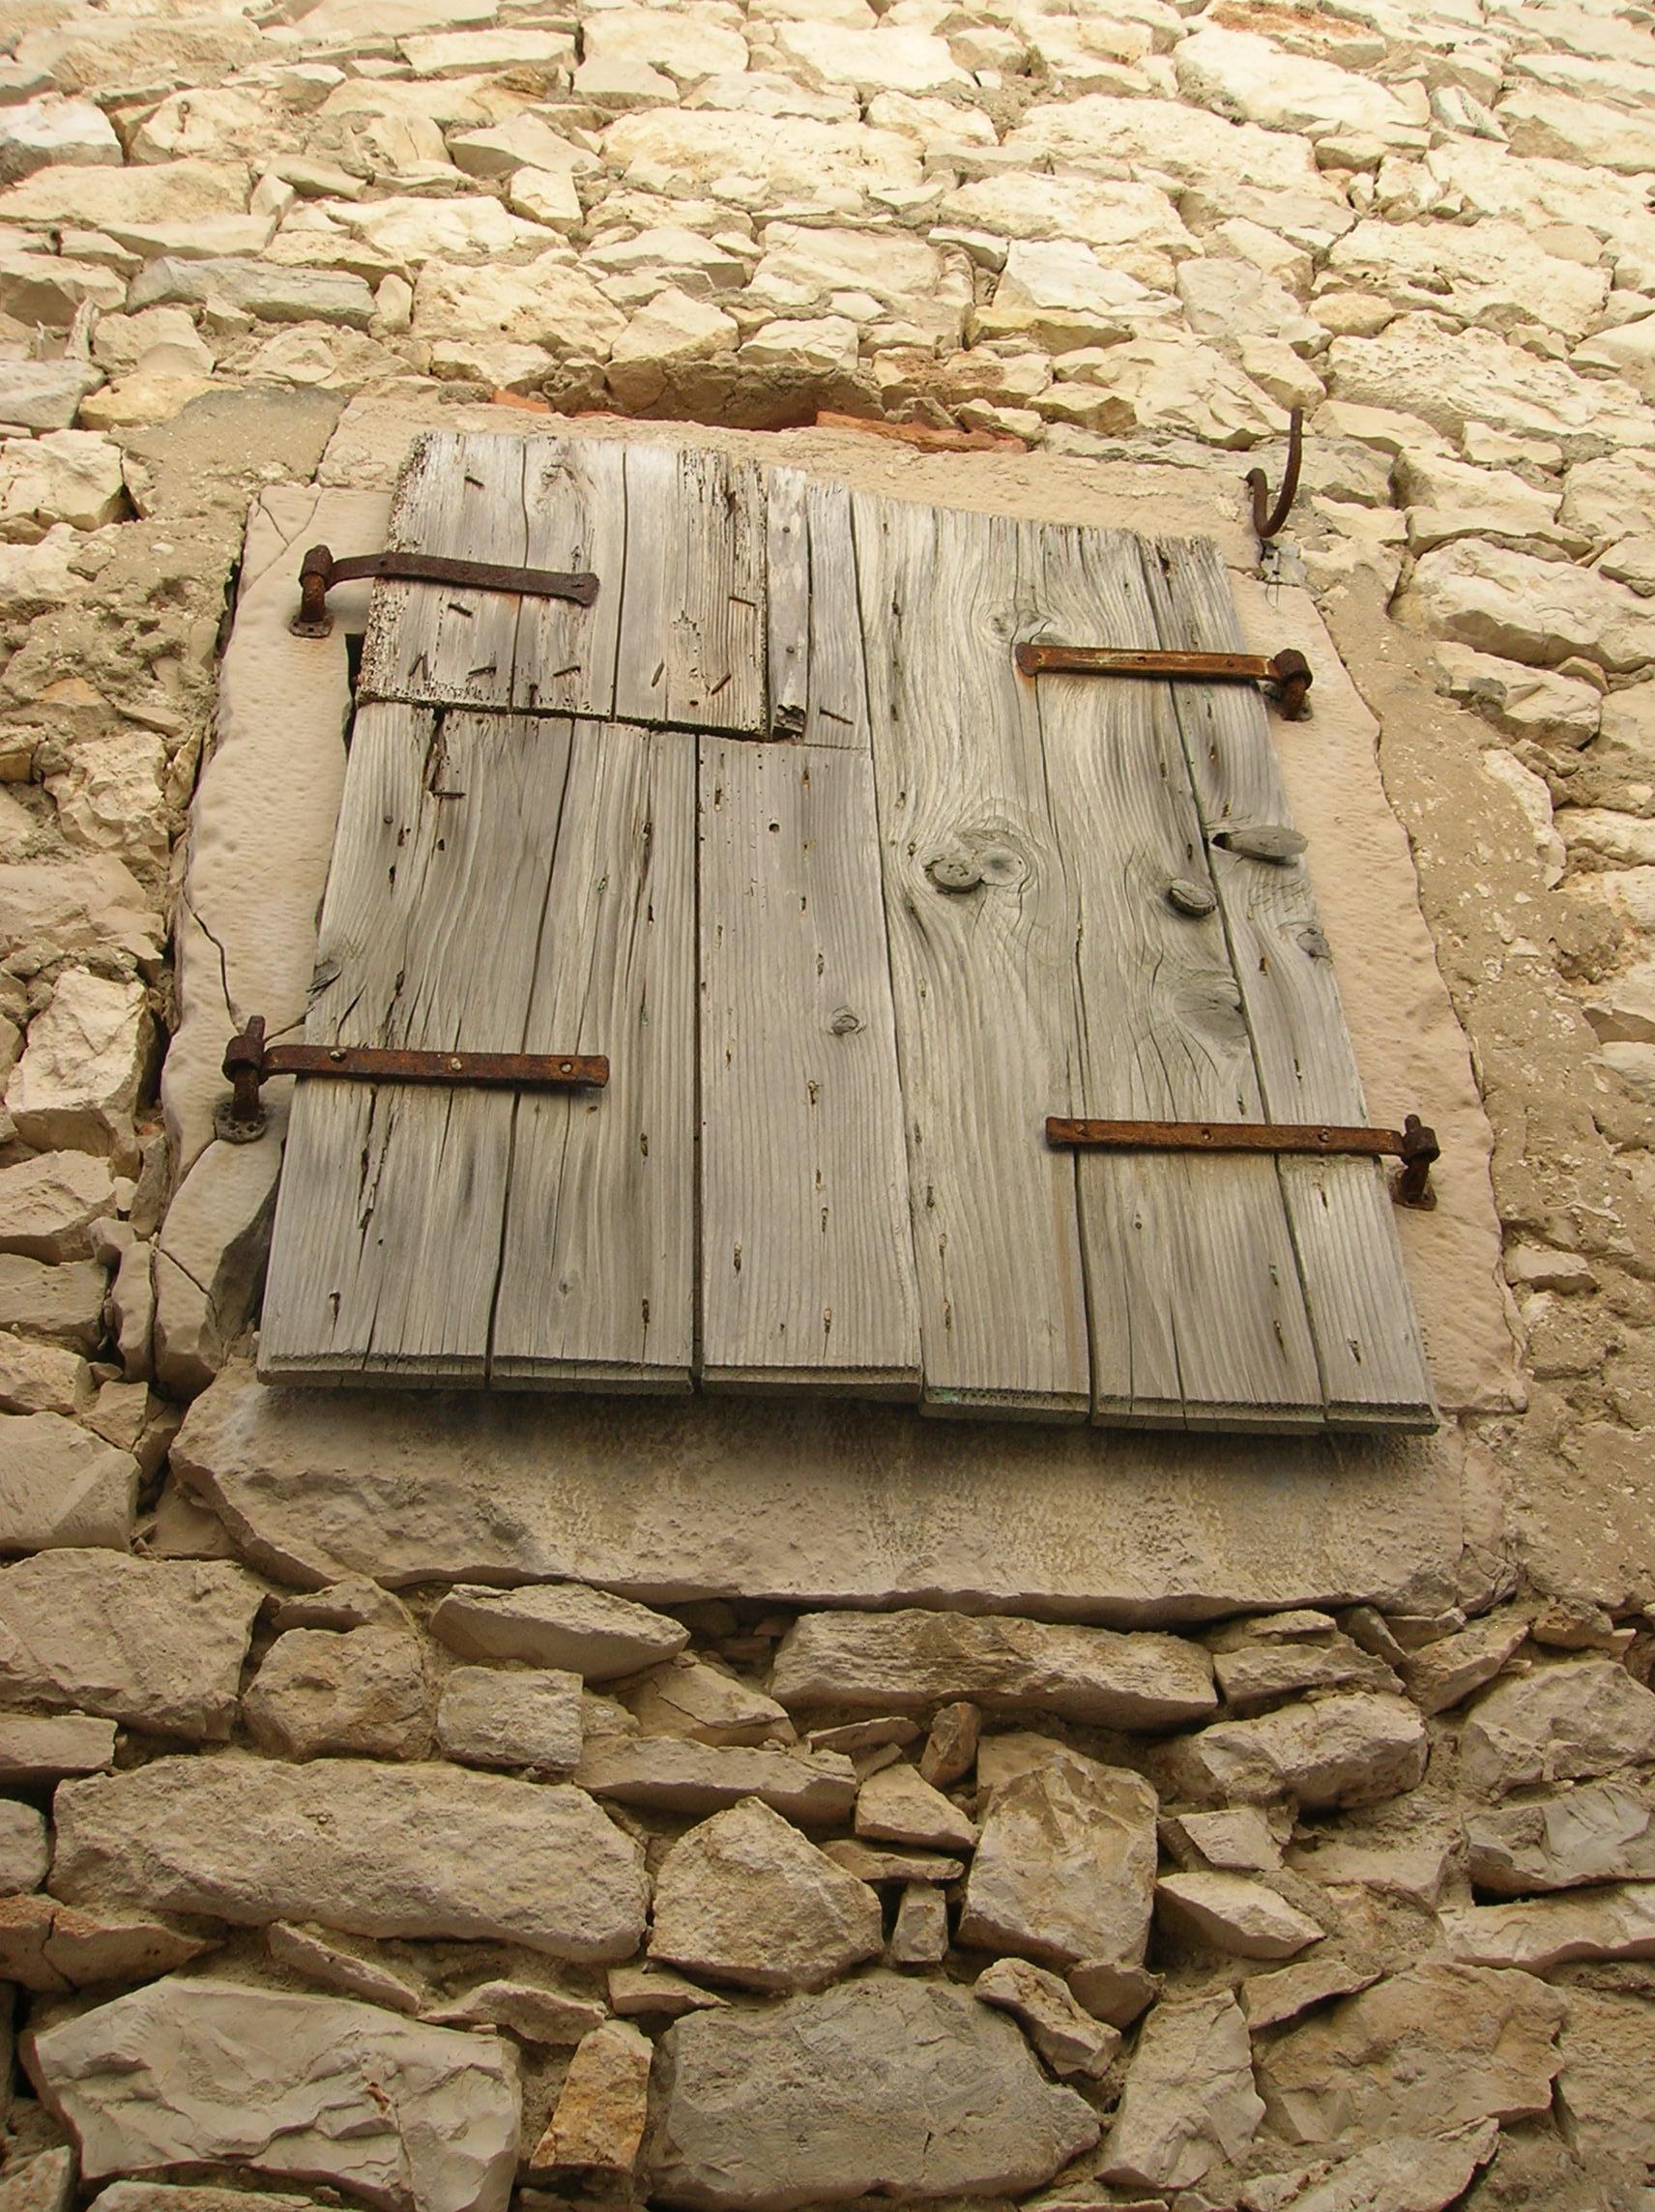 fotos gratis rock estructura madera casa piso ventana pared pueblo exterior pared de piedra mueble ladrillo maderas obturador